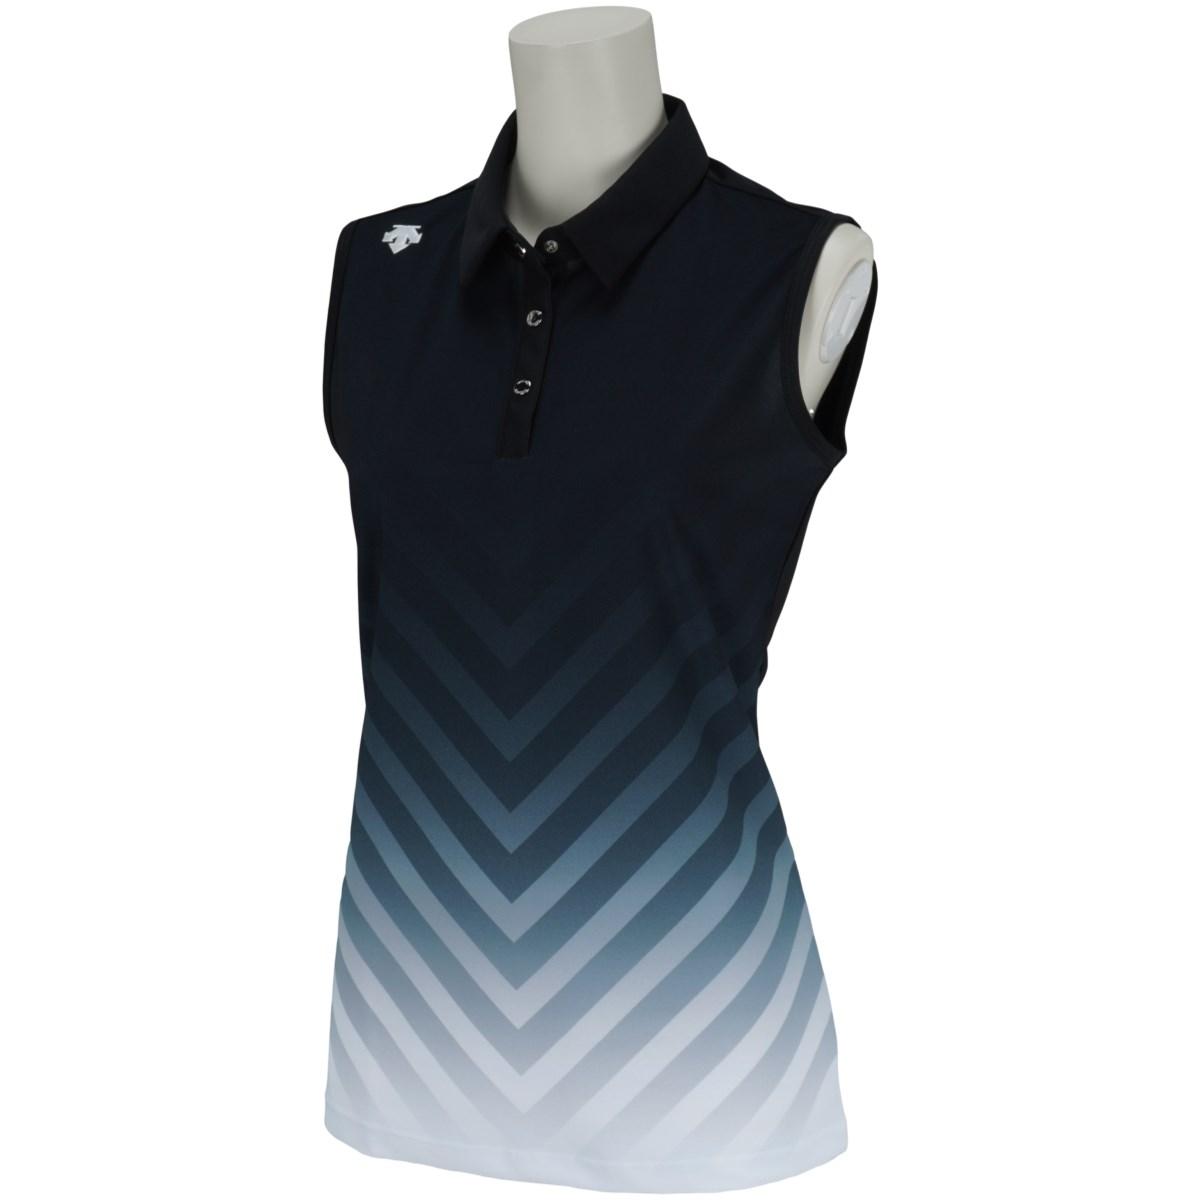 デサントゴルフ DESCENTE GOLF グラデーションプリントスリーブレスポロシャツ S ブラック 00 レディス